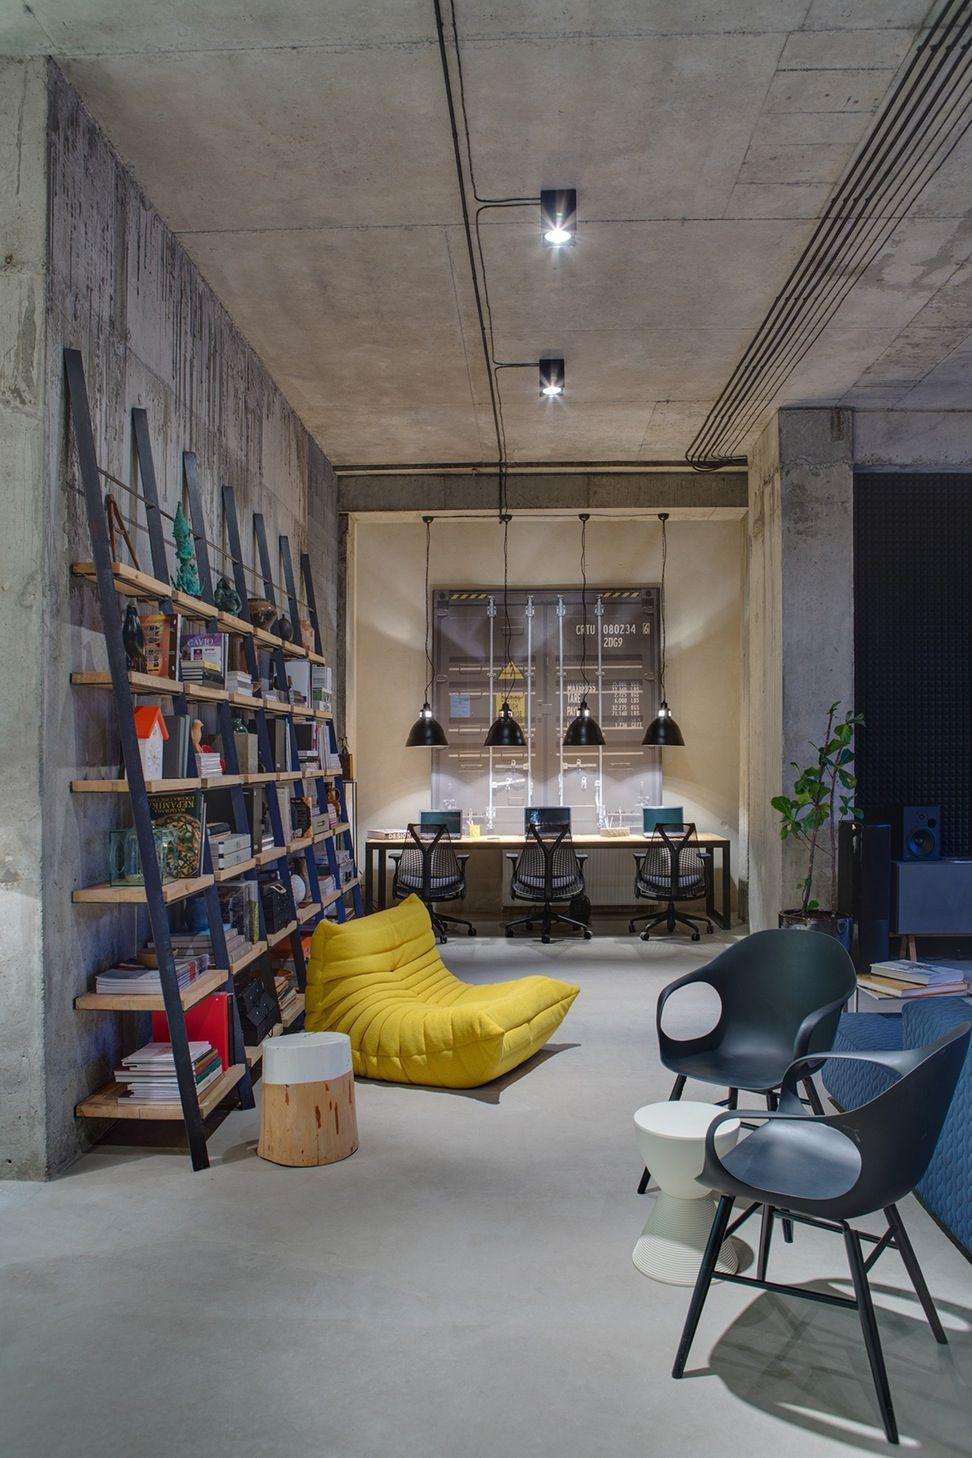 Фото 17 Бетонный потолок в интерьере: 60+ лаконичных идей для дизайна в стиле лофт, минимализм и хай-тек